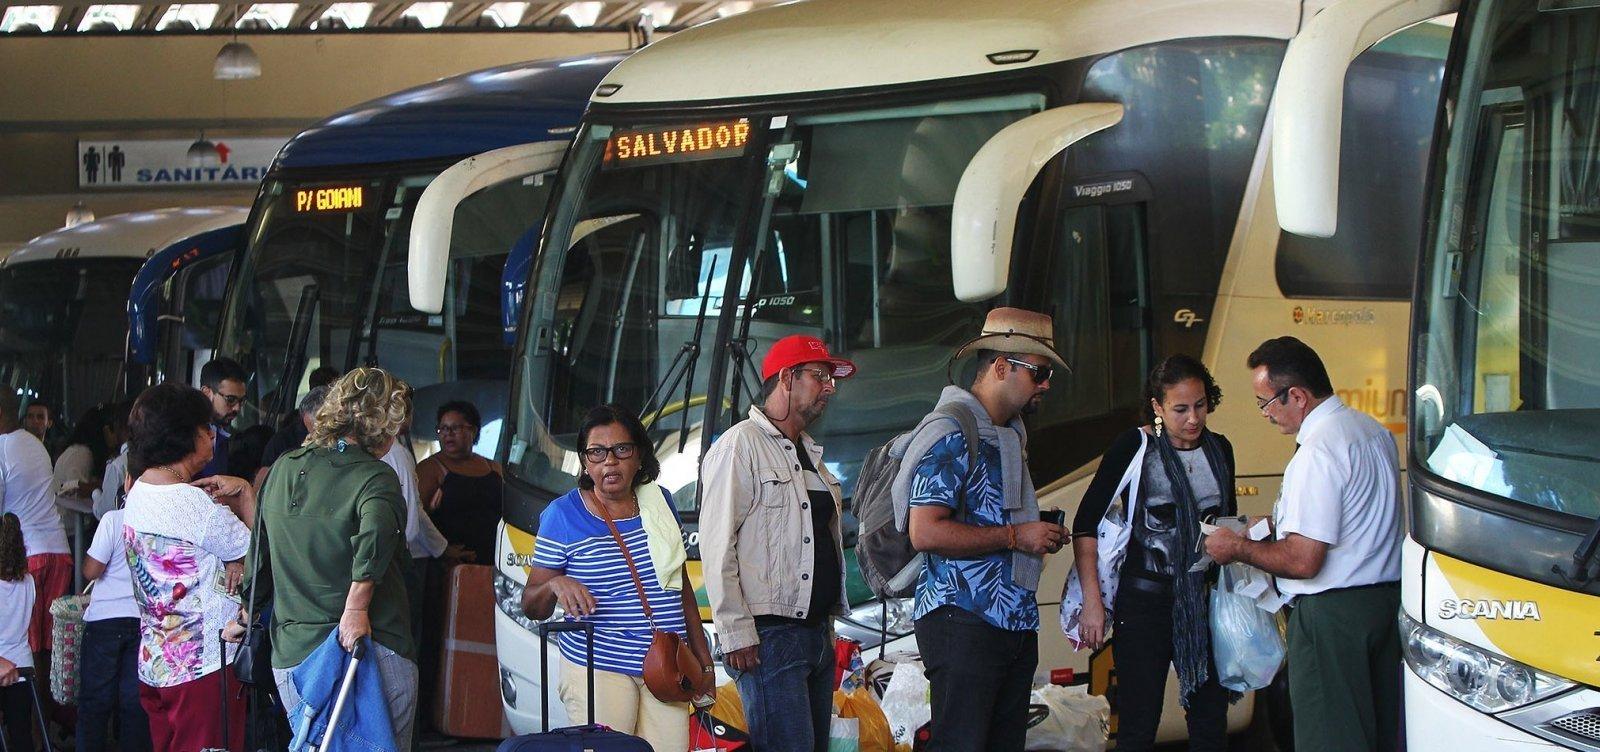 Número de cidades com transporte suspenso na Bahia chega a 310; Confira lista de municípios com transporte suspenso